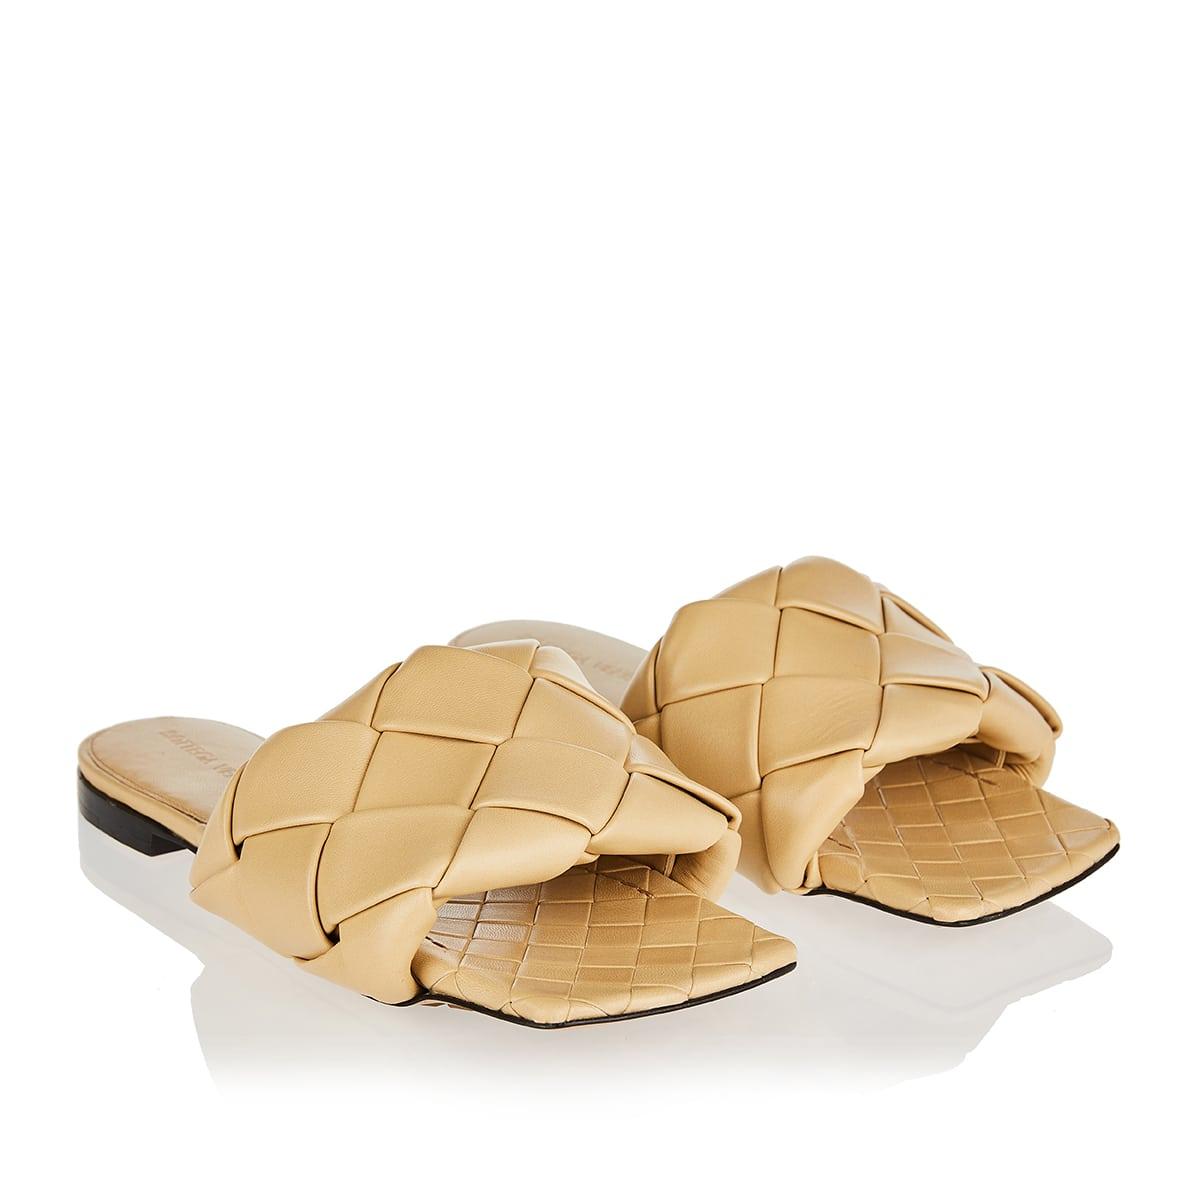 The Lido flat sandals